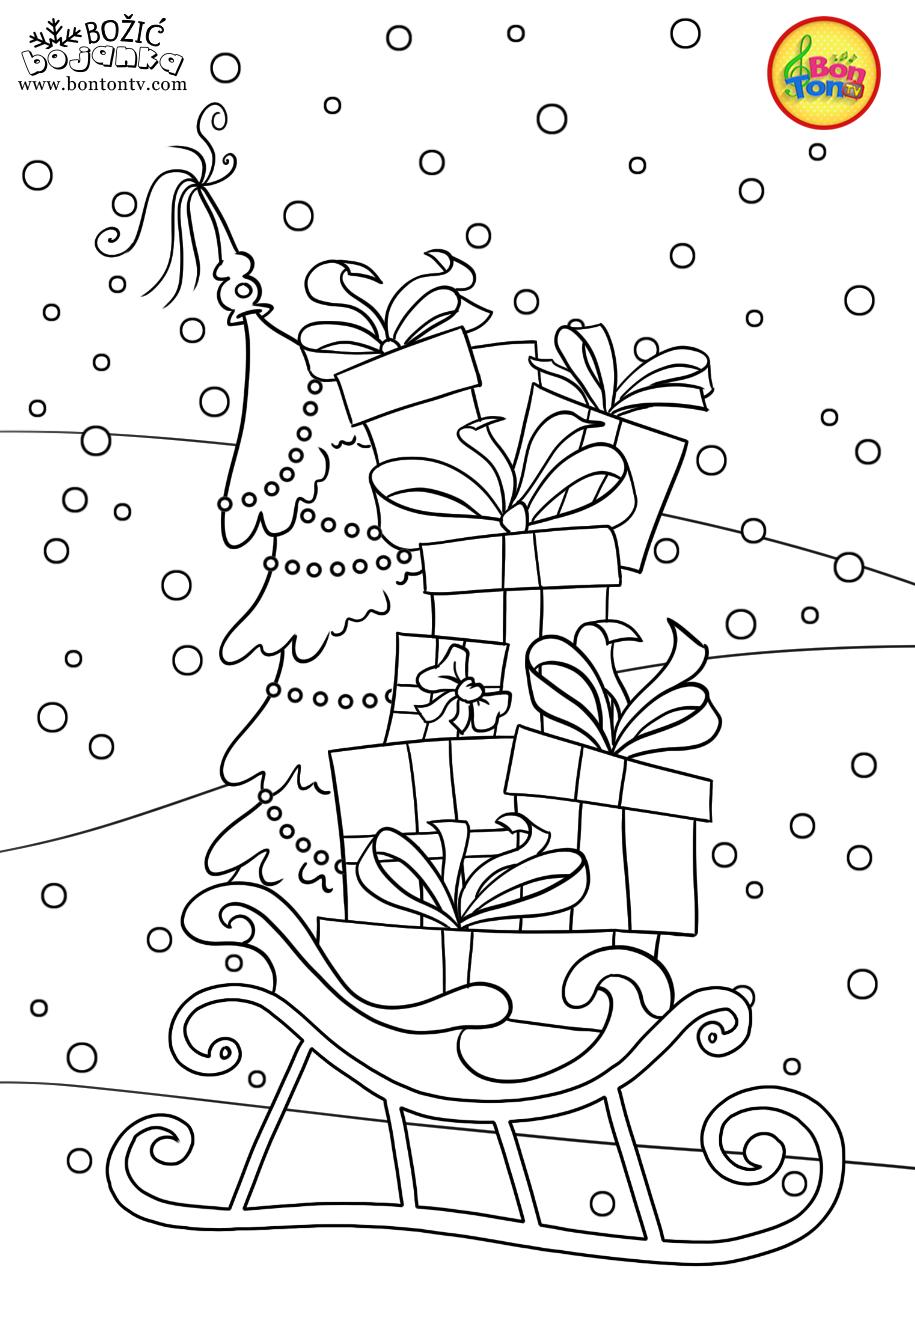 Malvorlagen Weihnachten Fur Kinder Kostenlos Bedruckbare Malvorlagen Vorschule Christmas Coloring Books Christmas Coloring Sheets Christmas Coloring Pages